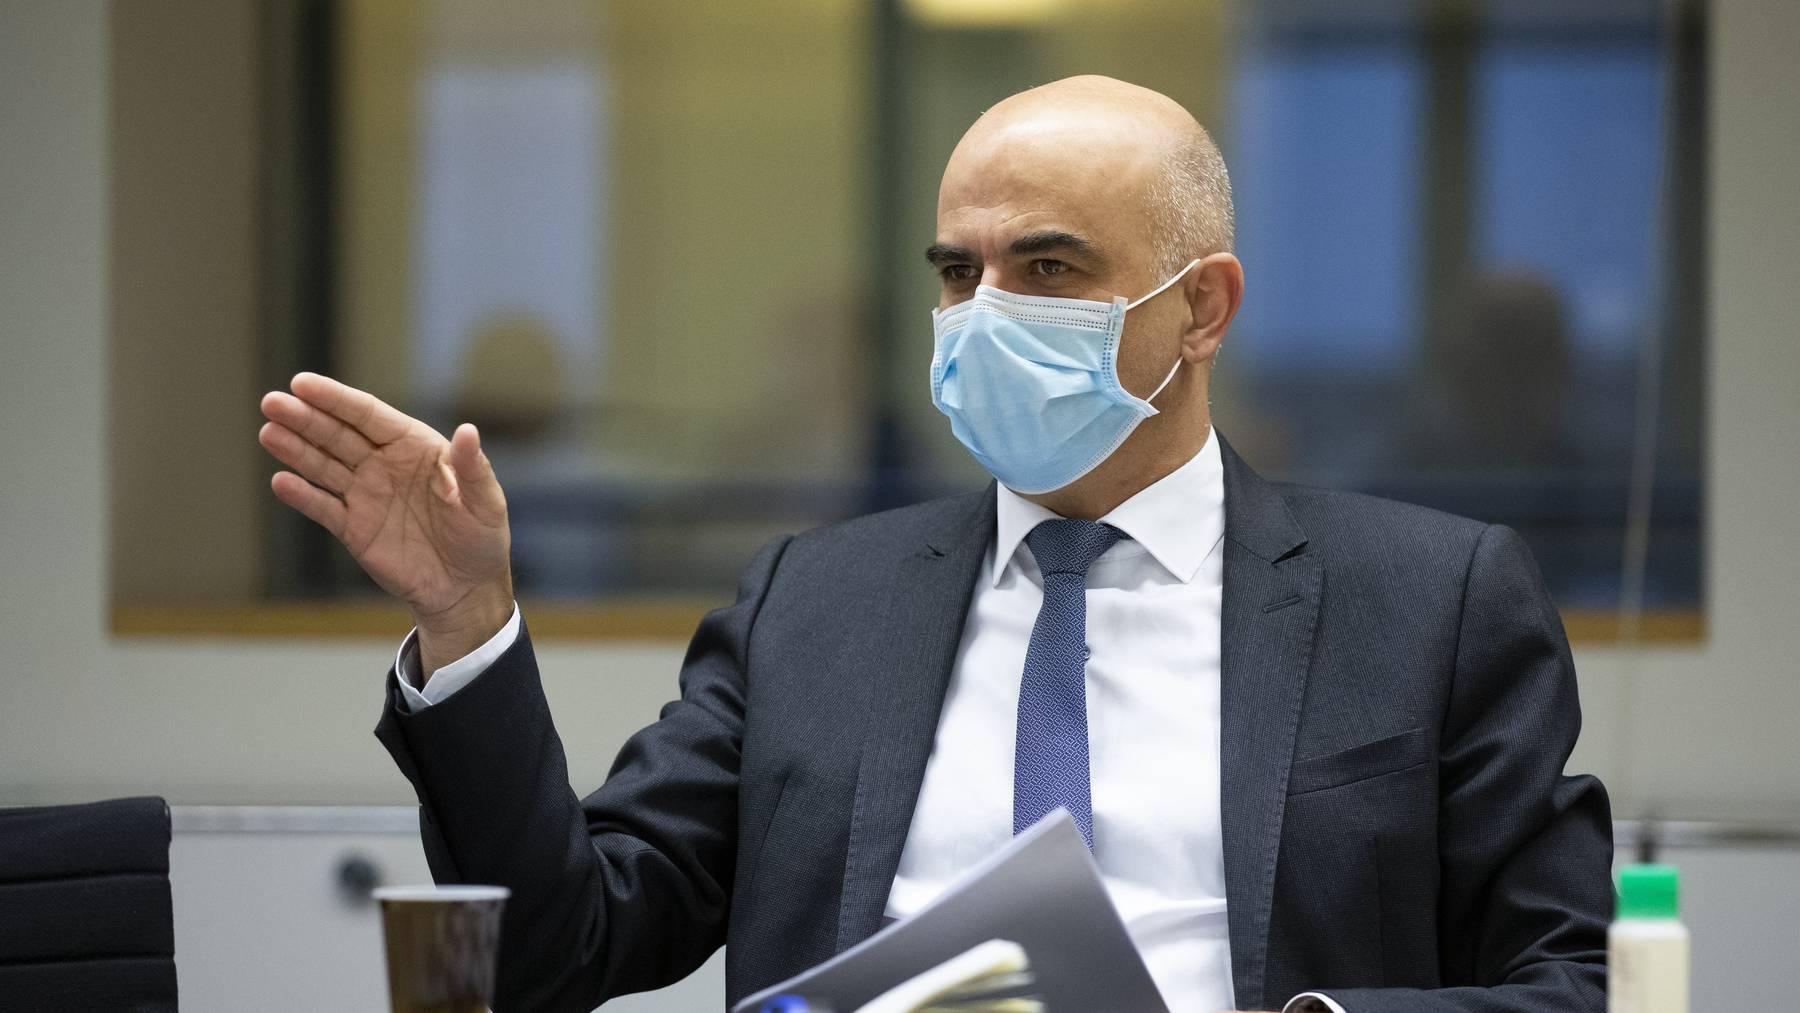 Gesundheitsminister Berset stattete am Montag dem Kanton Waadt einen Besuch ab.